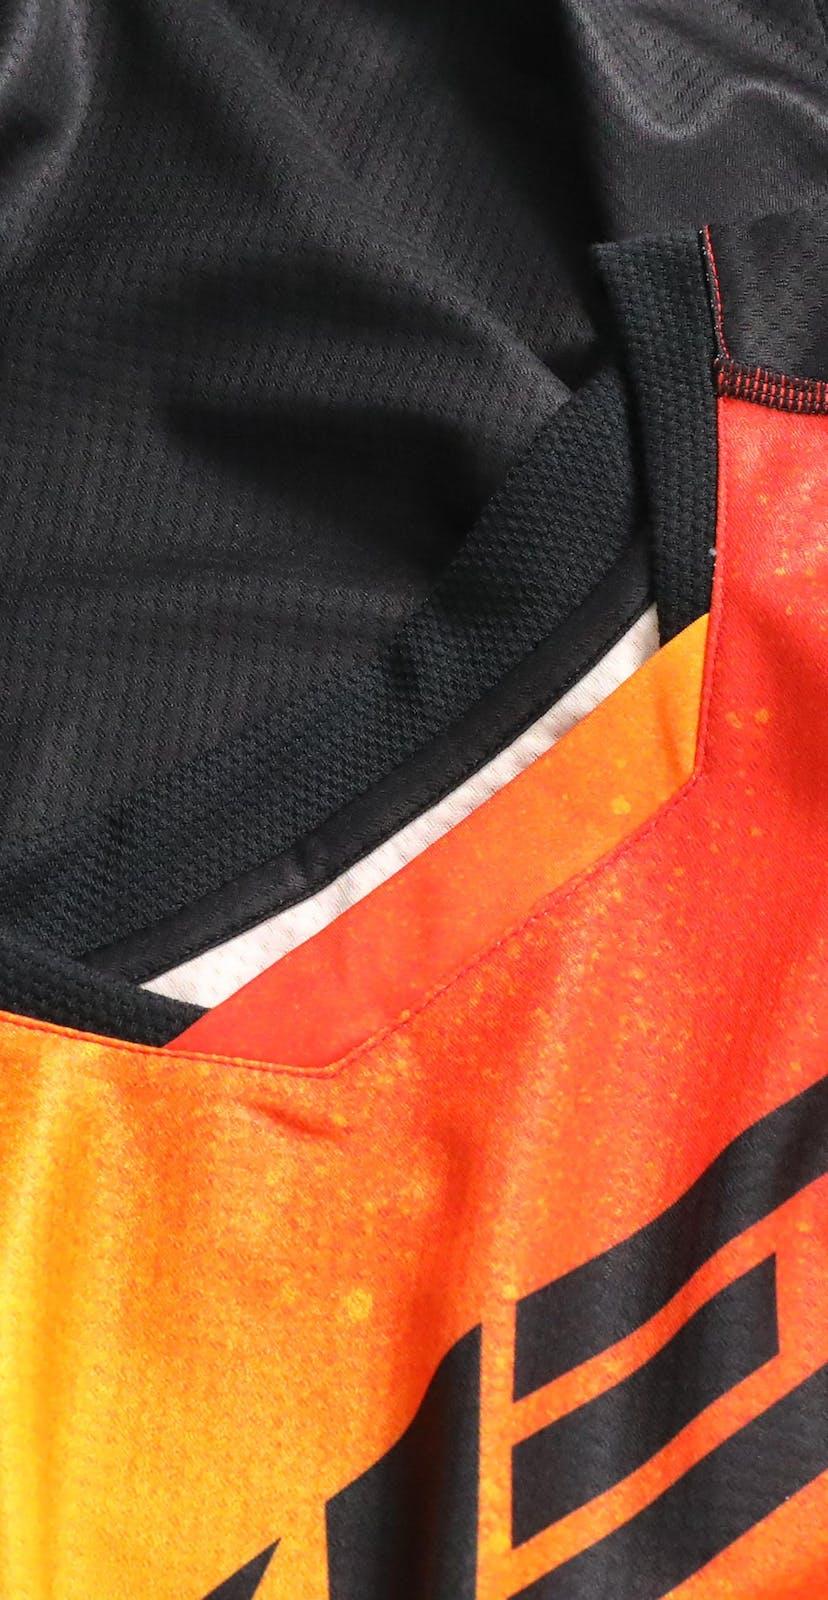 2020 Enduro Jersey Detail 2